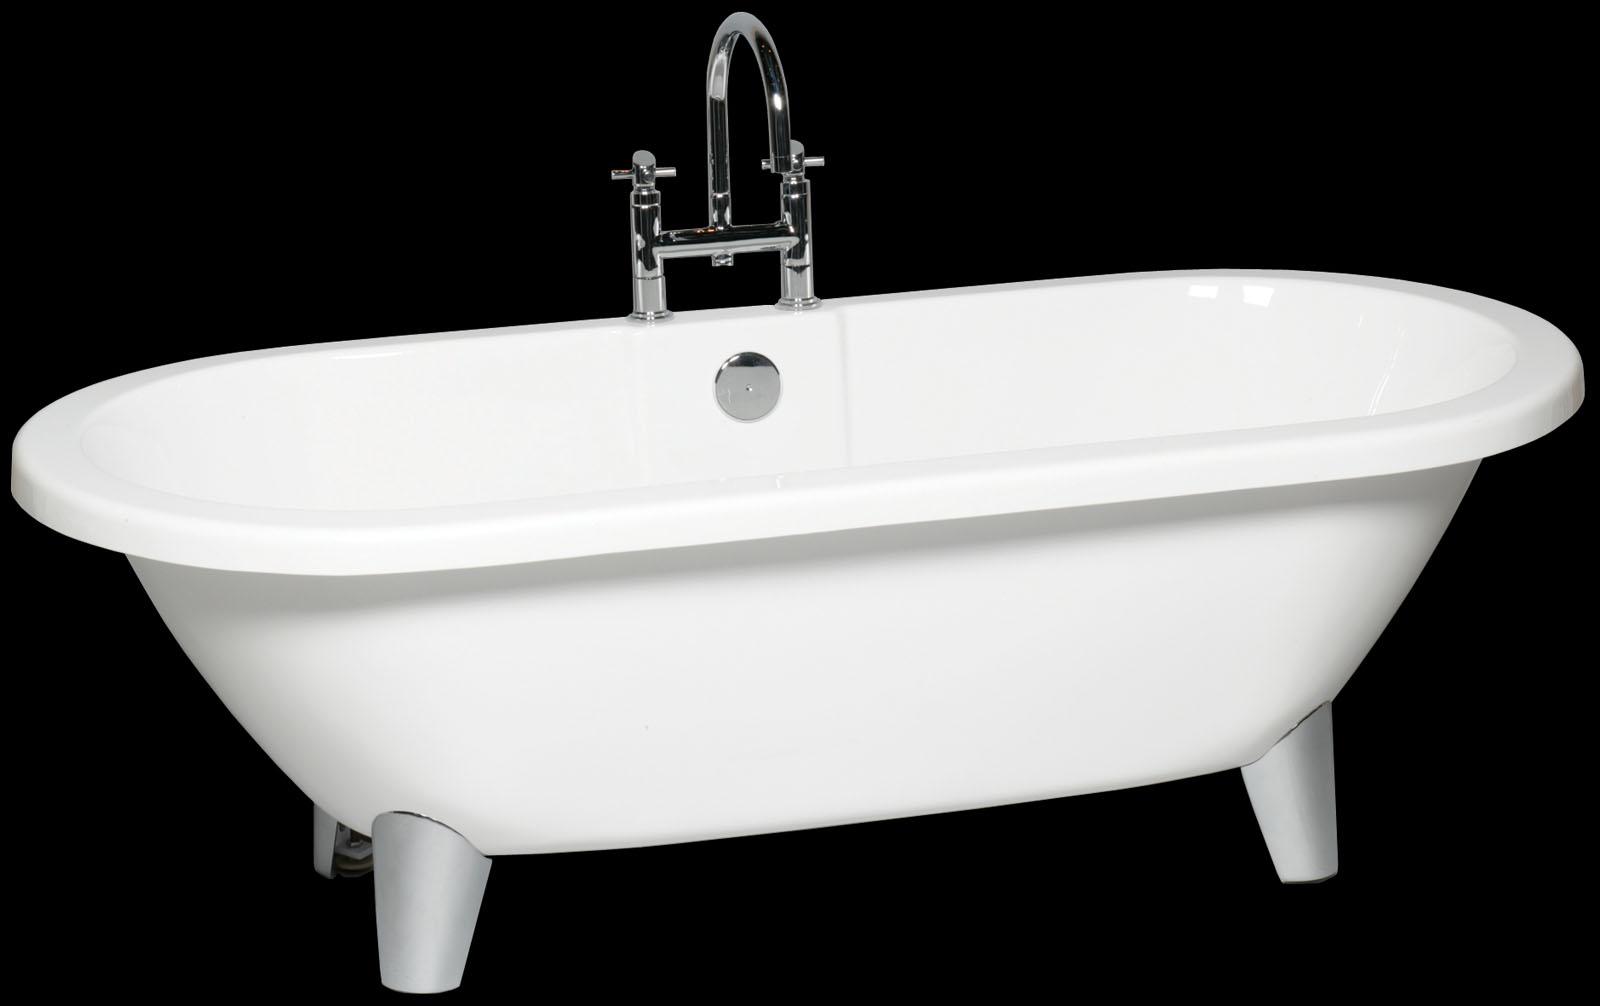 Vasca da bagno freestanding modello DIANA